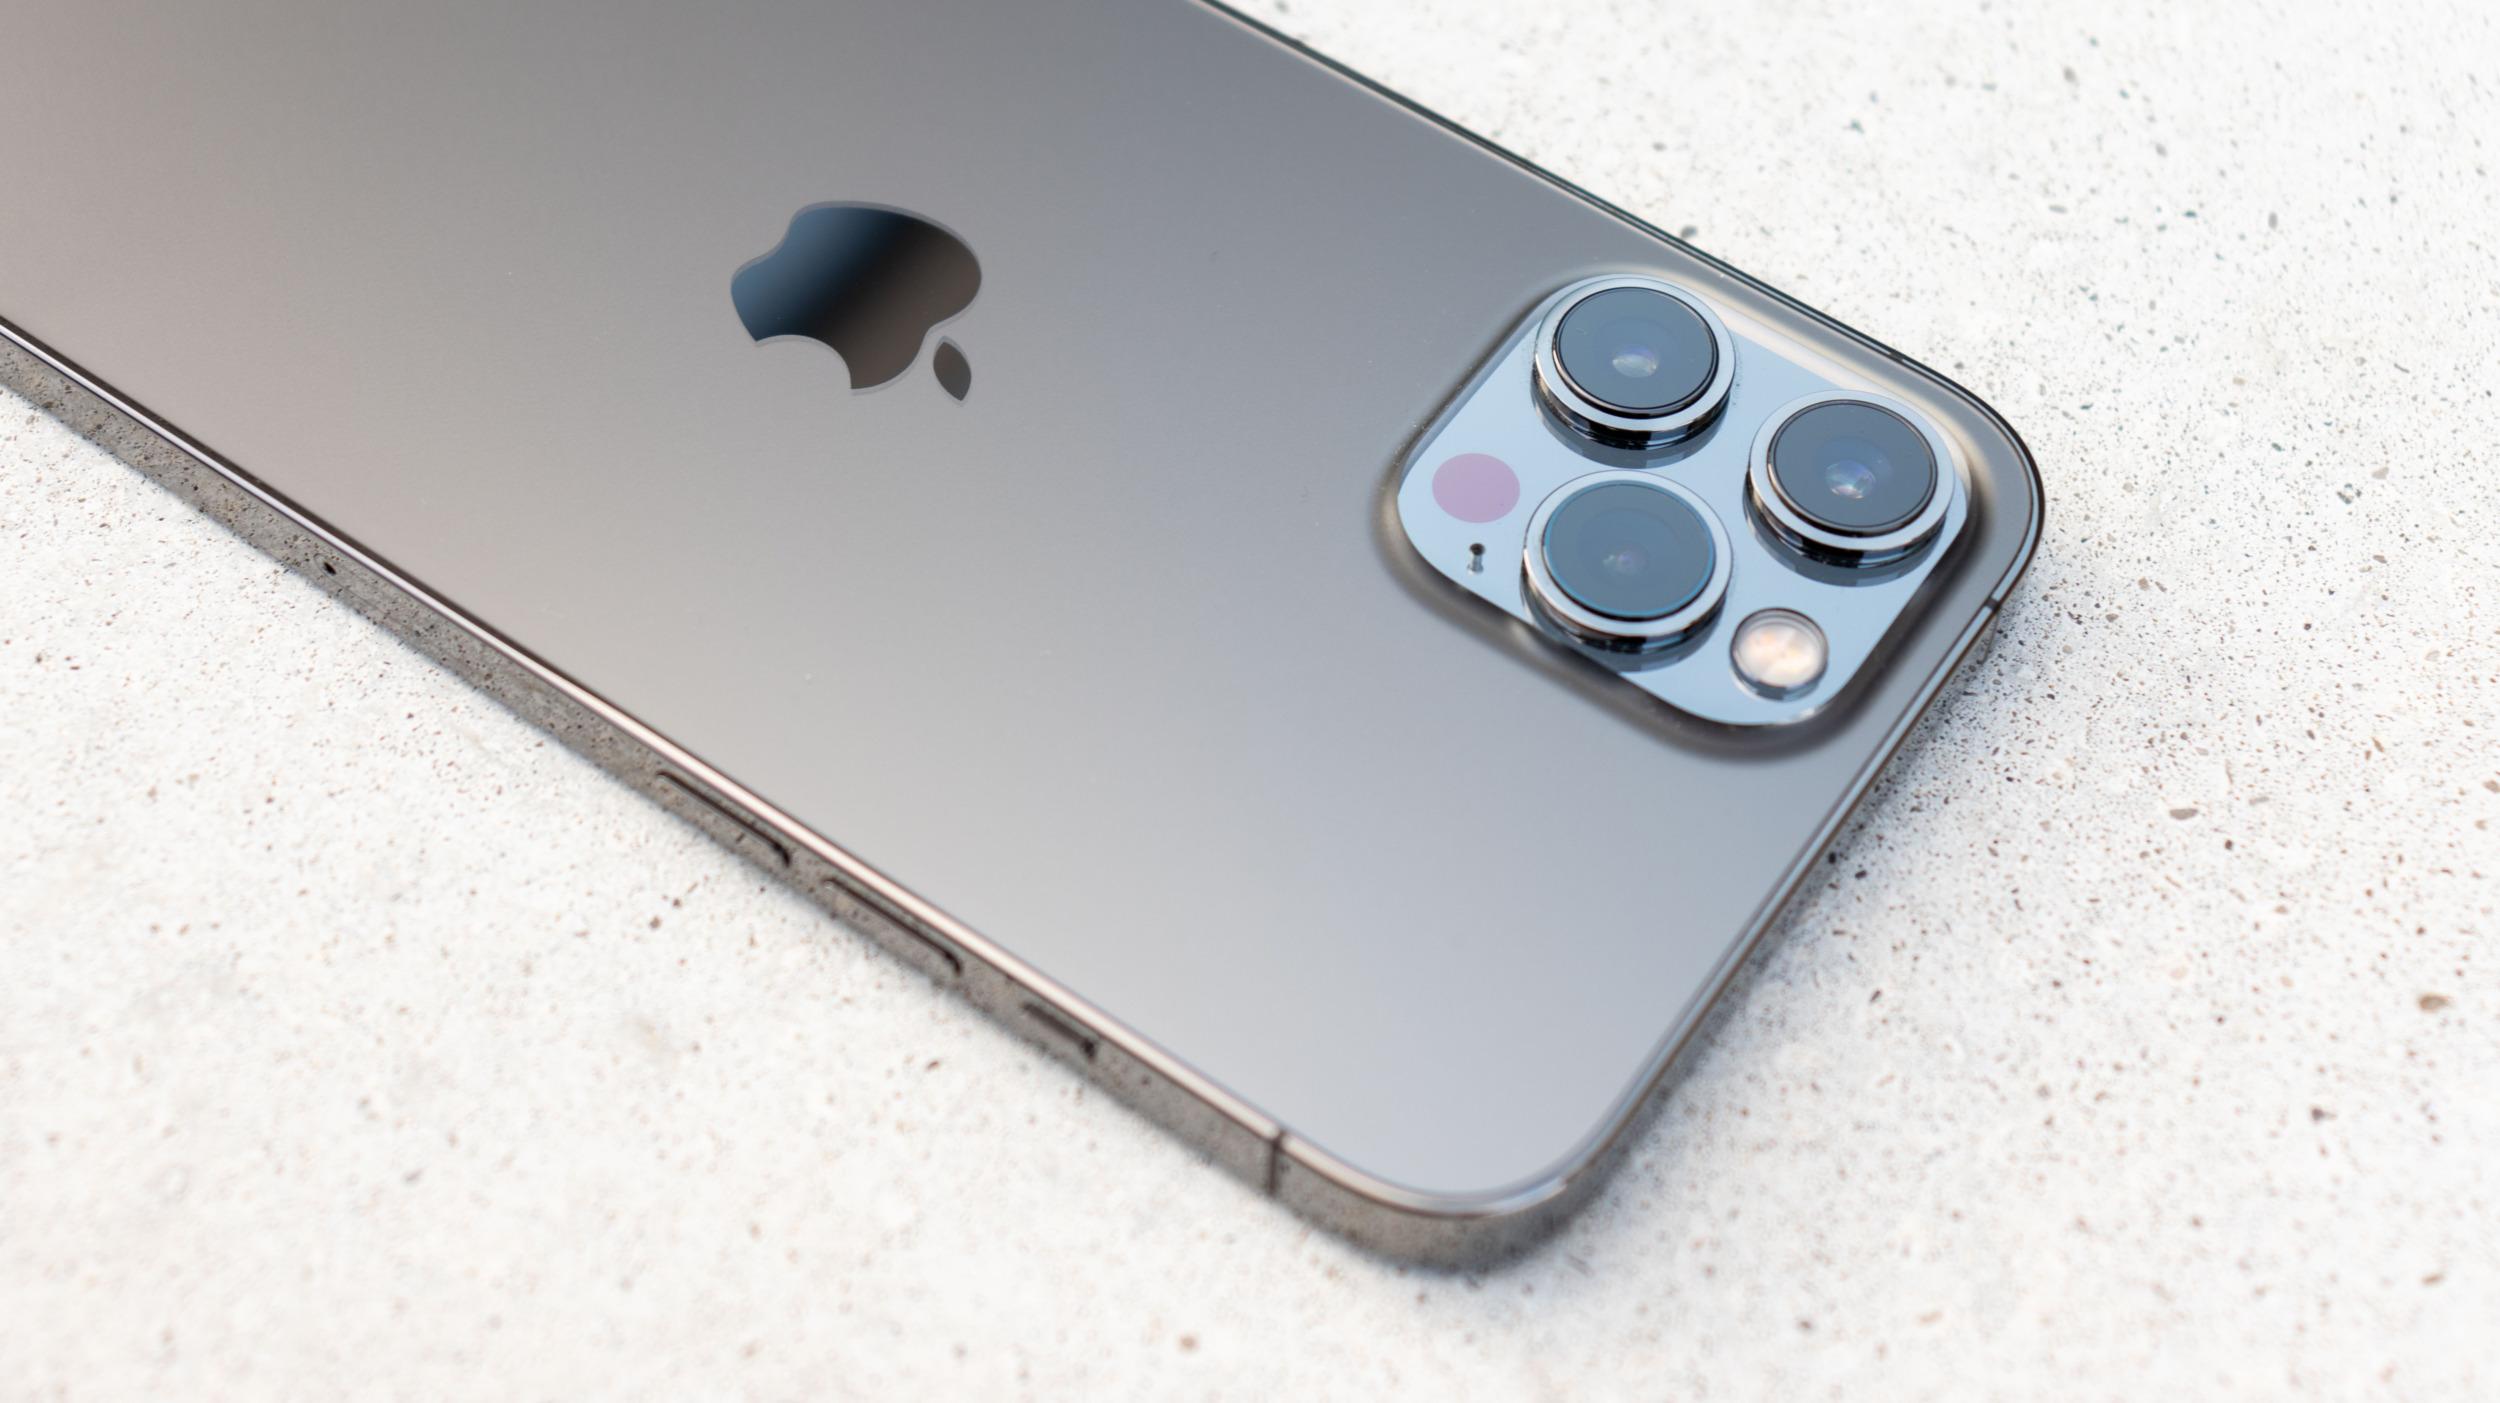 Za dva roky by mohl mít iPhone až 10násobný optický zoom